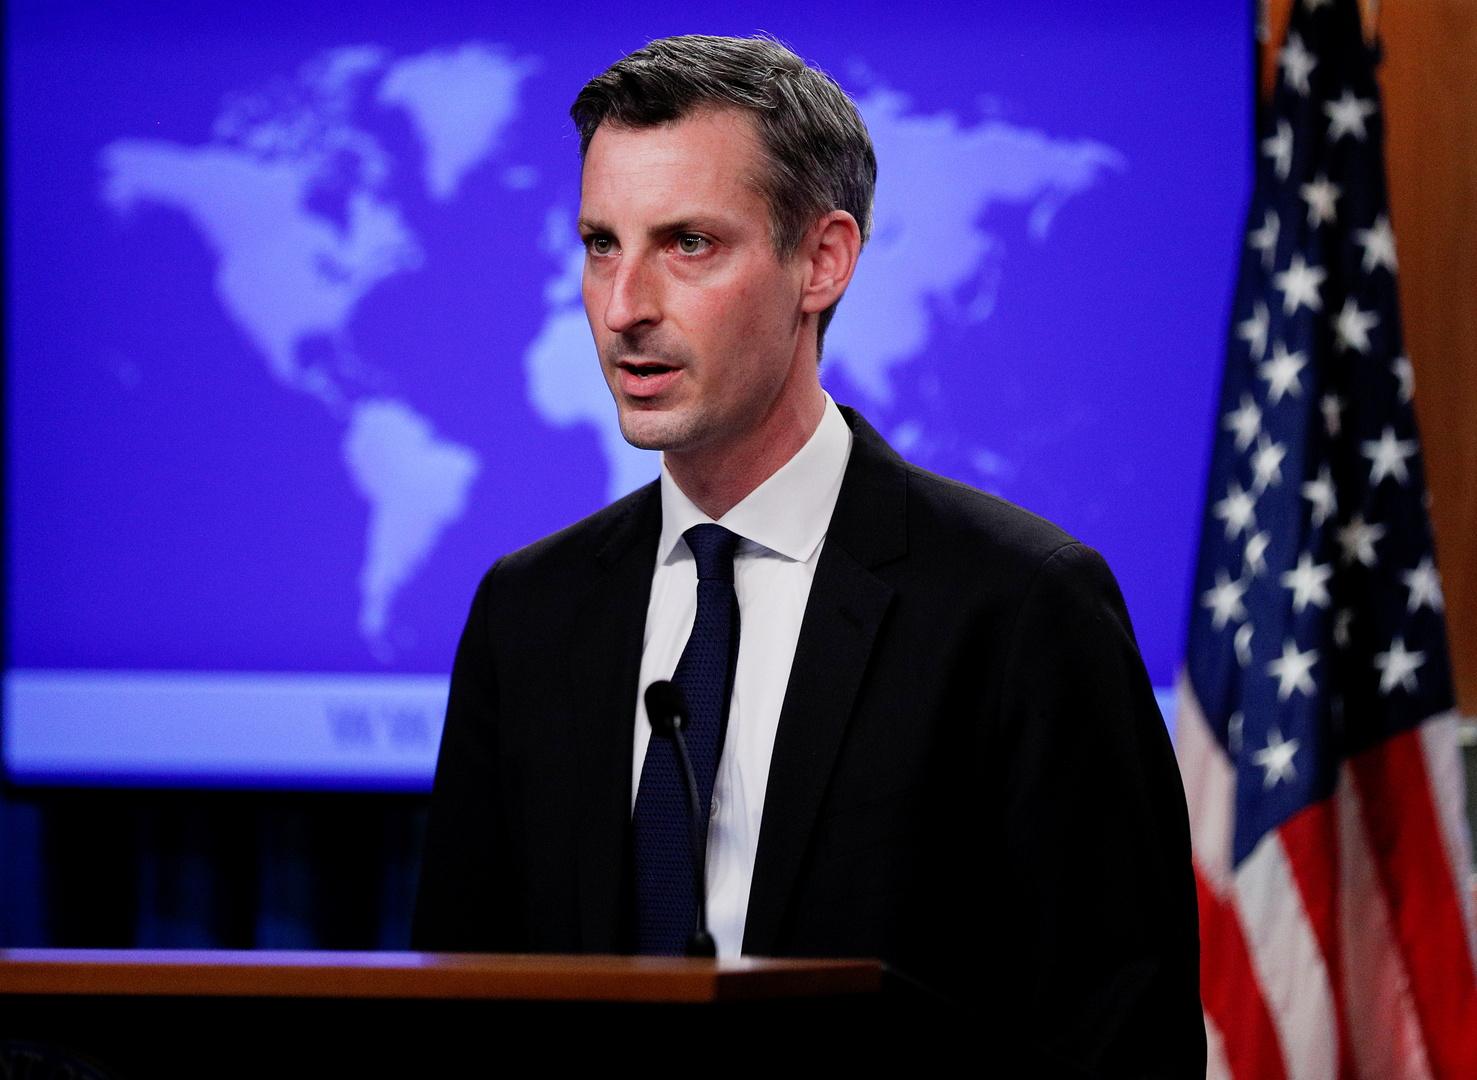 الخارجية الأمريكية: تعزيز الصين لقدراتها النووية أمر مقلق